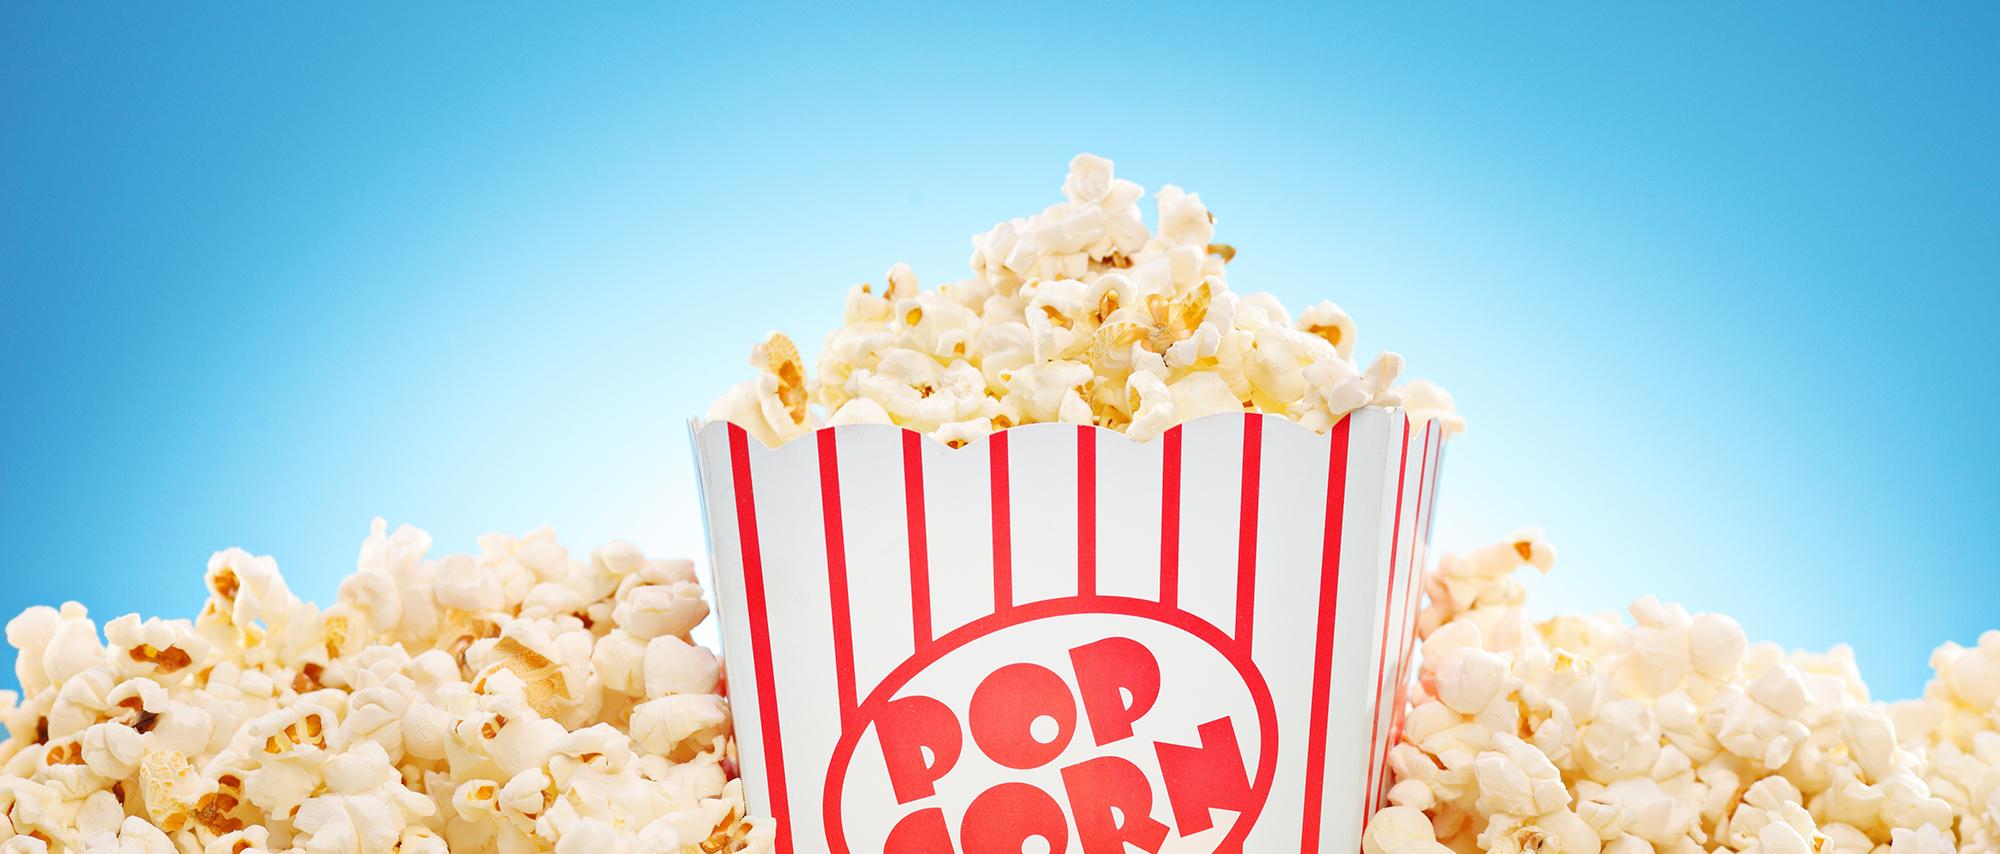 popcorn background  popcorn  blog  banner background image